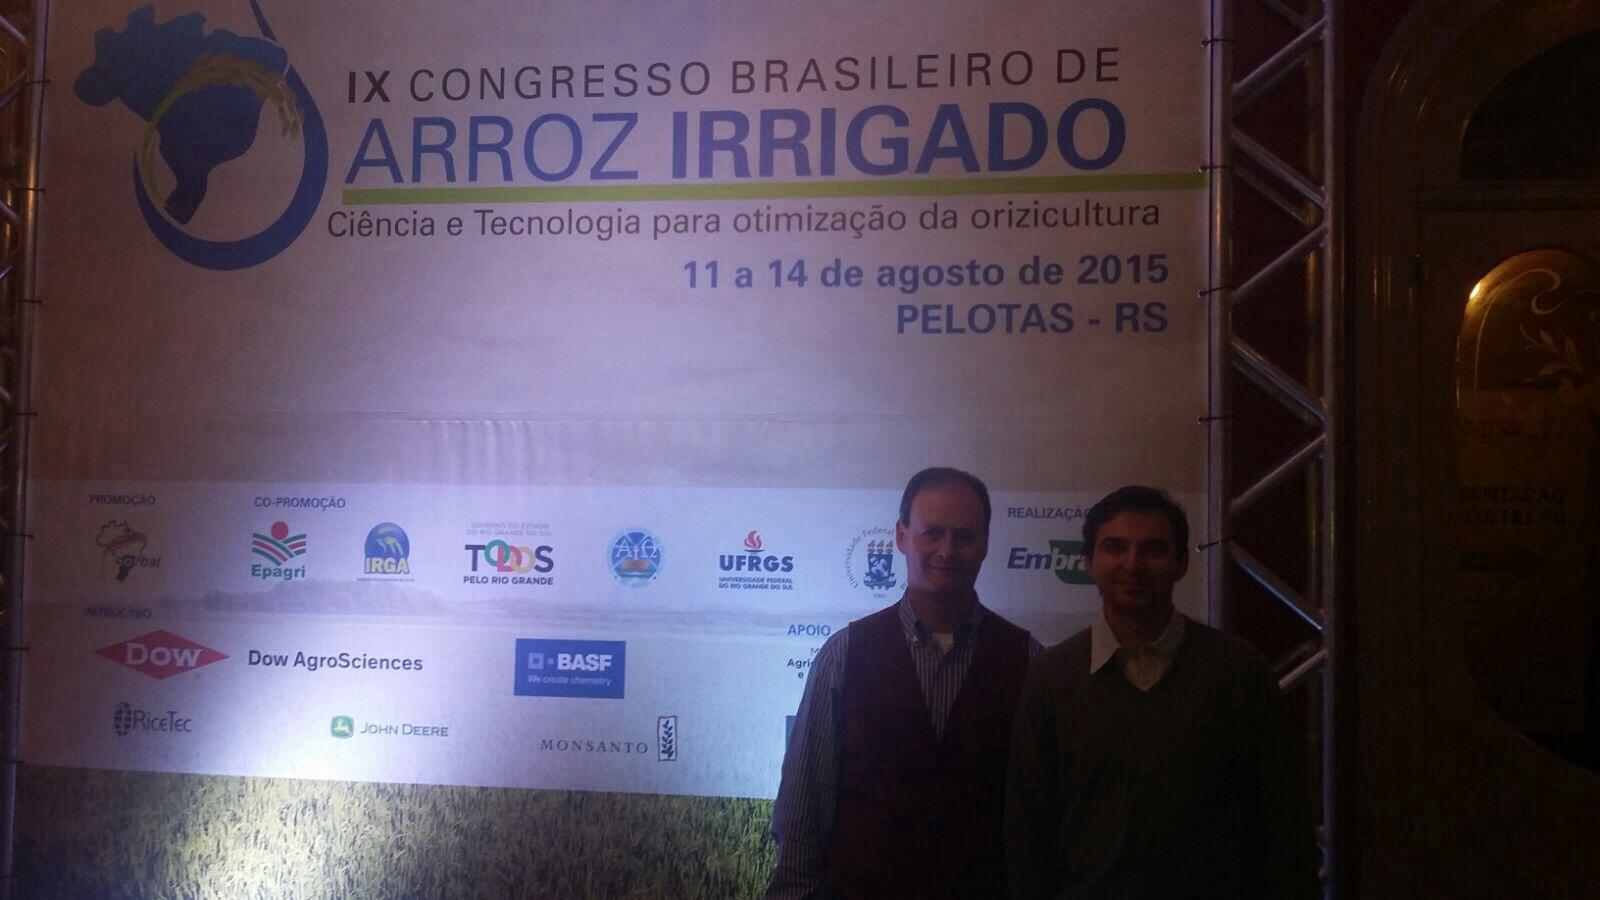 Thedy Agro presente no IX Congresso Brasileiro de Arroz Irrigado